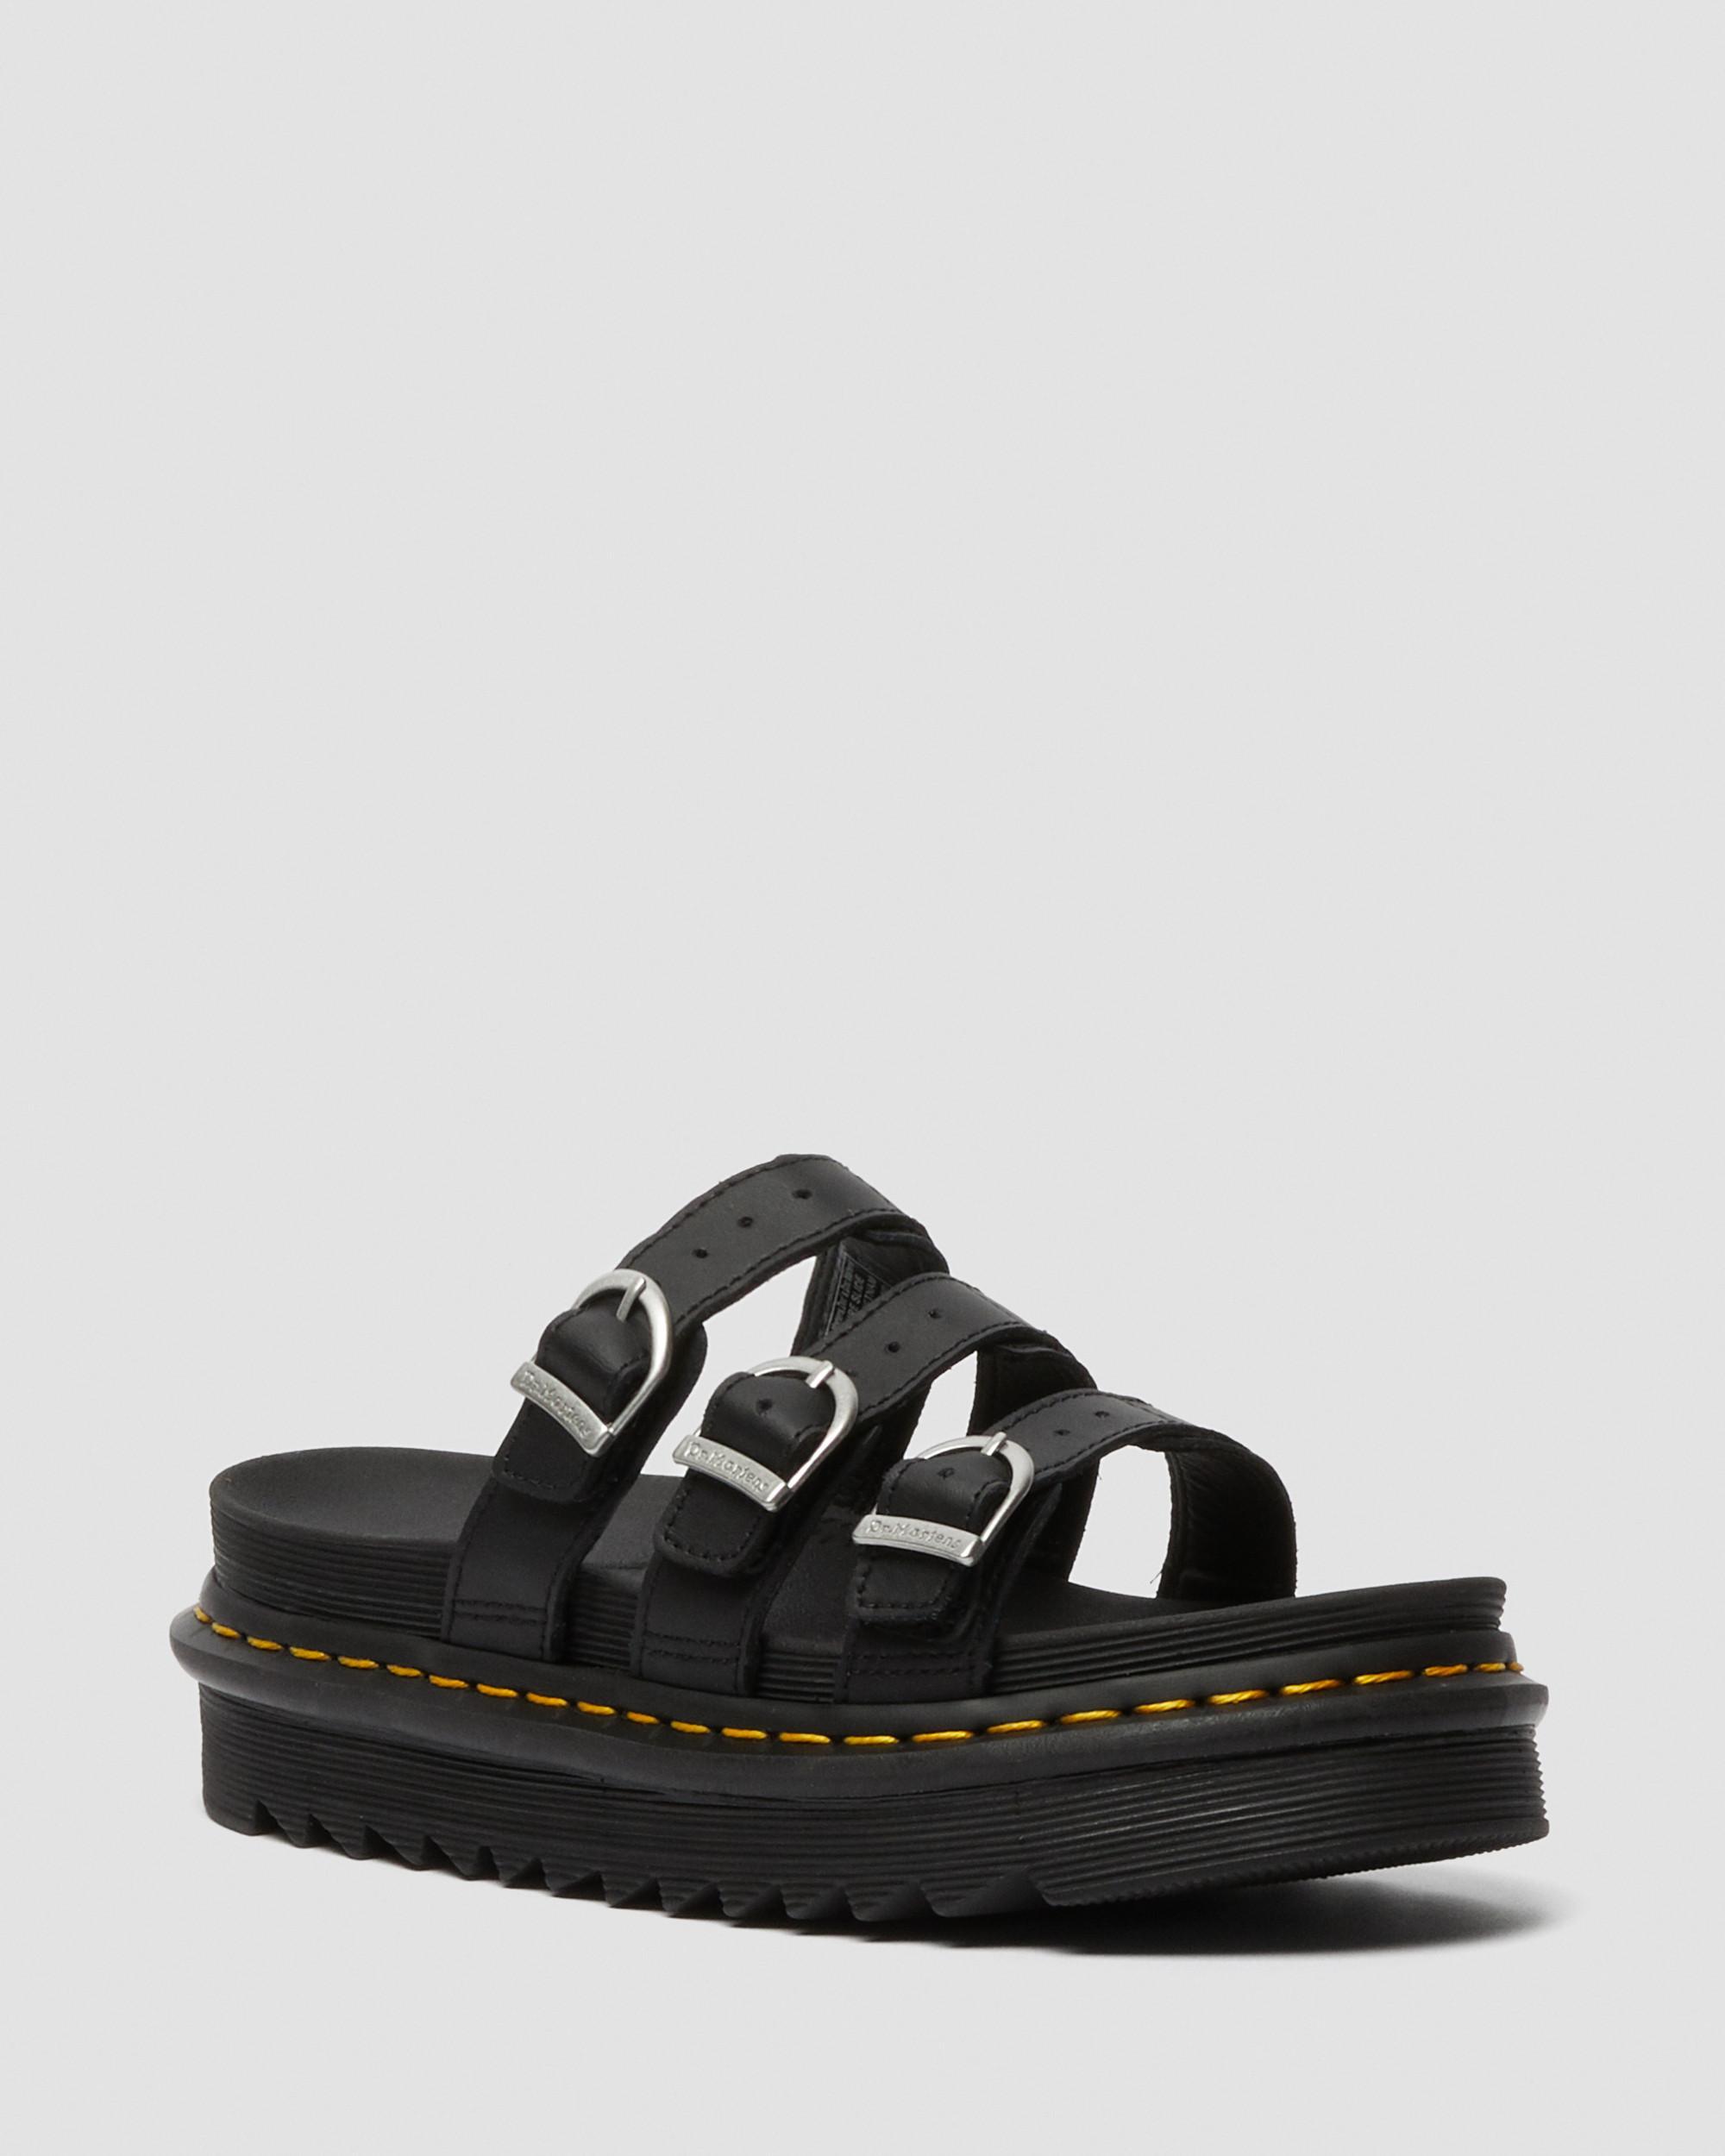 blaire doc marten sandals